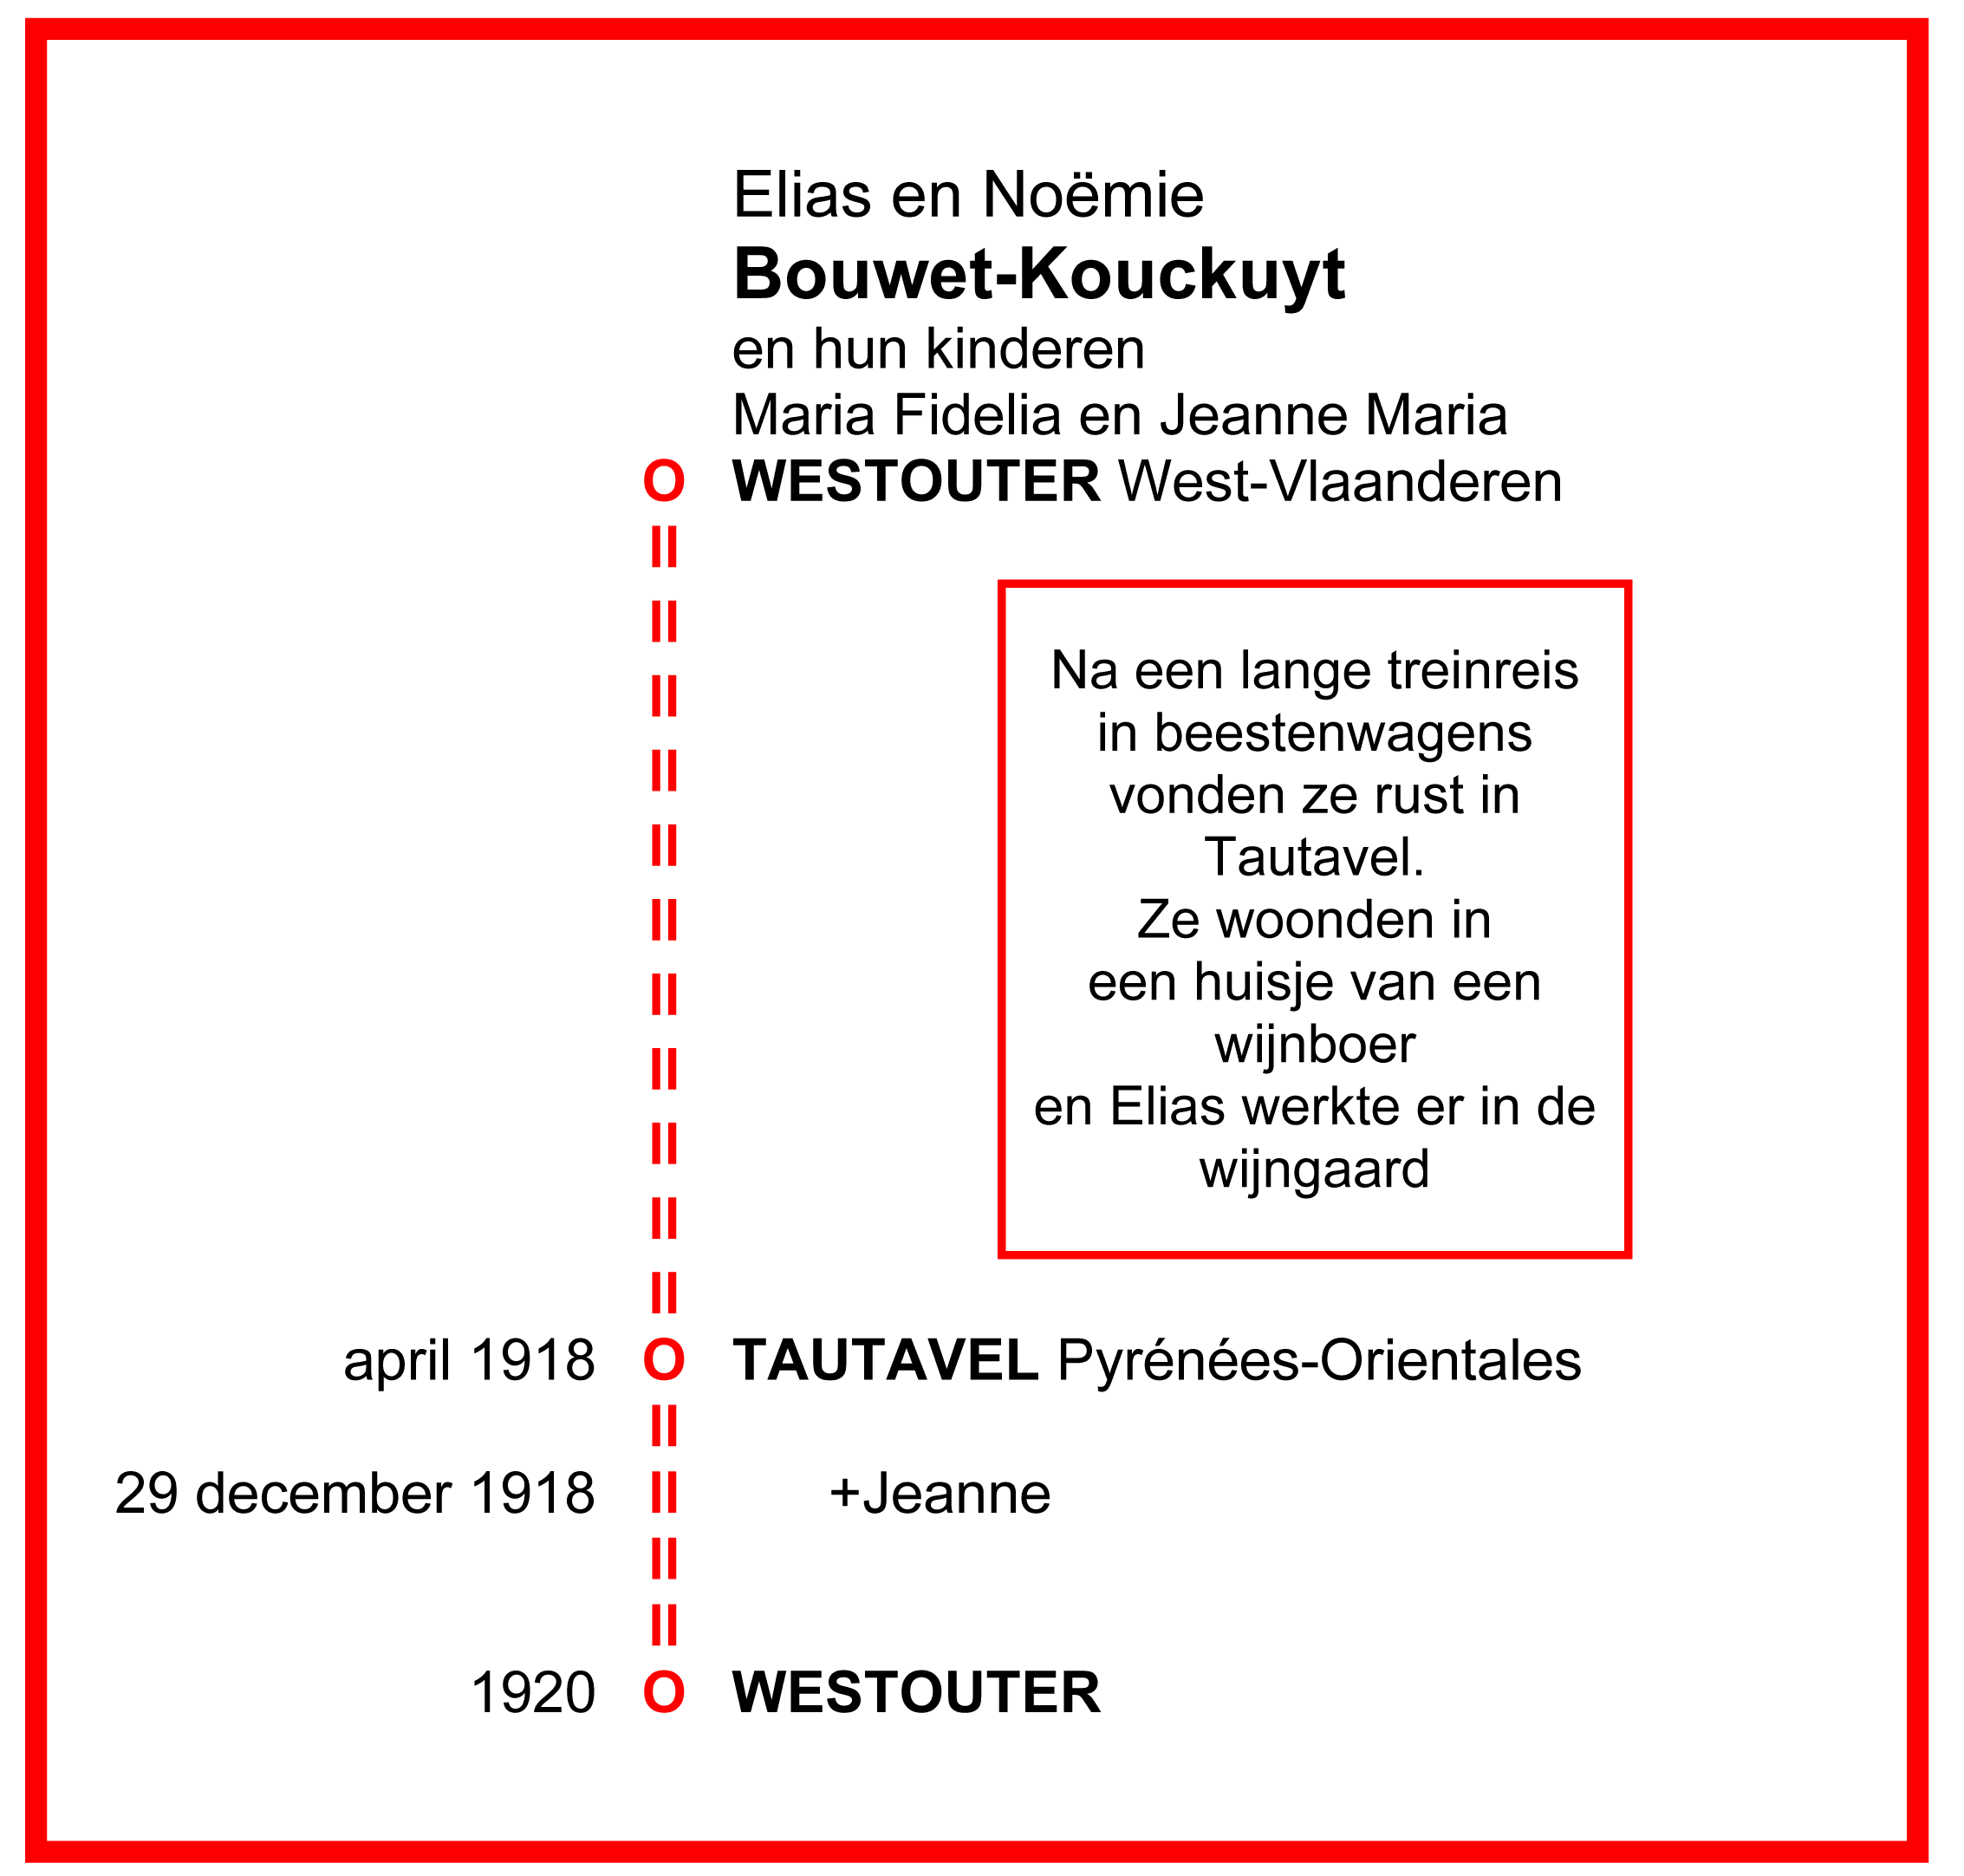 Vluchtroute Bouwet-Kouckuyt